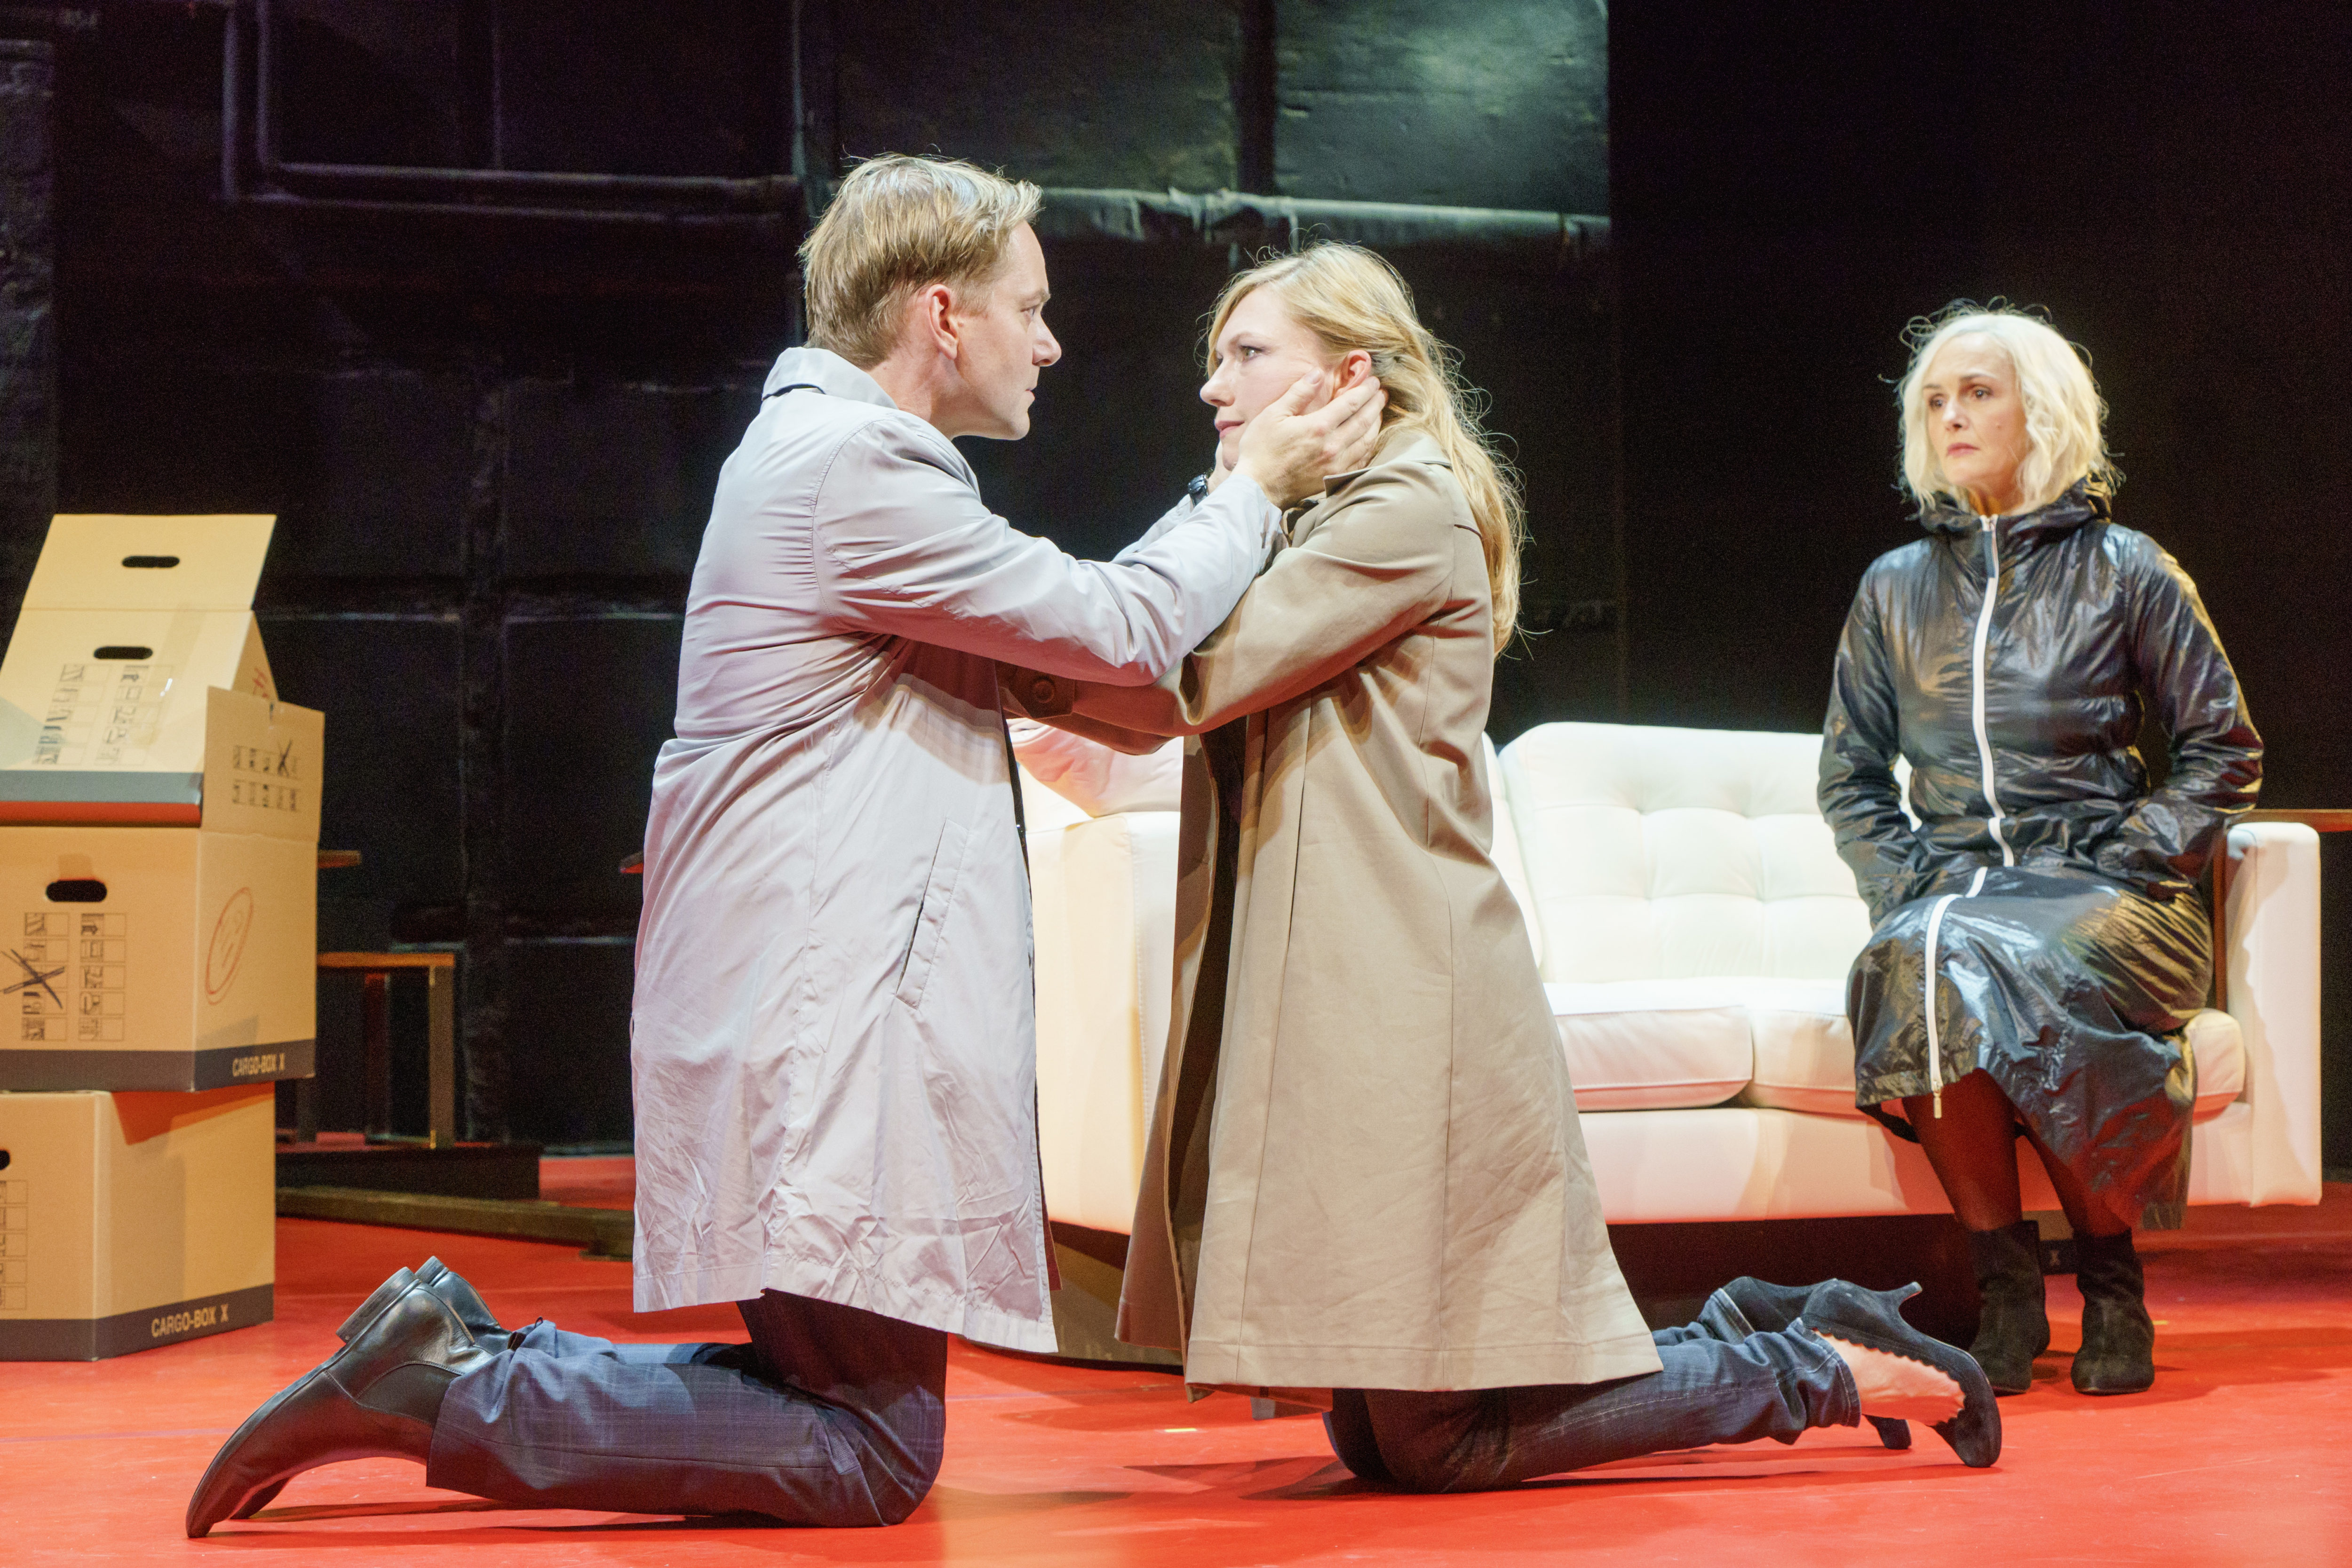 Konsens v.l.n.r.: Patrick Heyn, Johanna Christine Gehlen, Bettina Engelhardt © Oliver Fantitsch